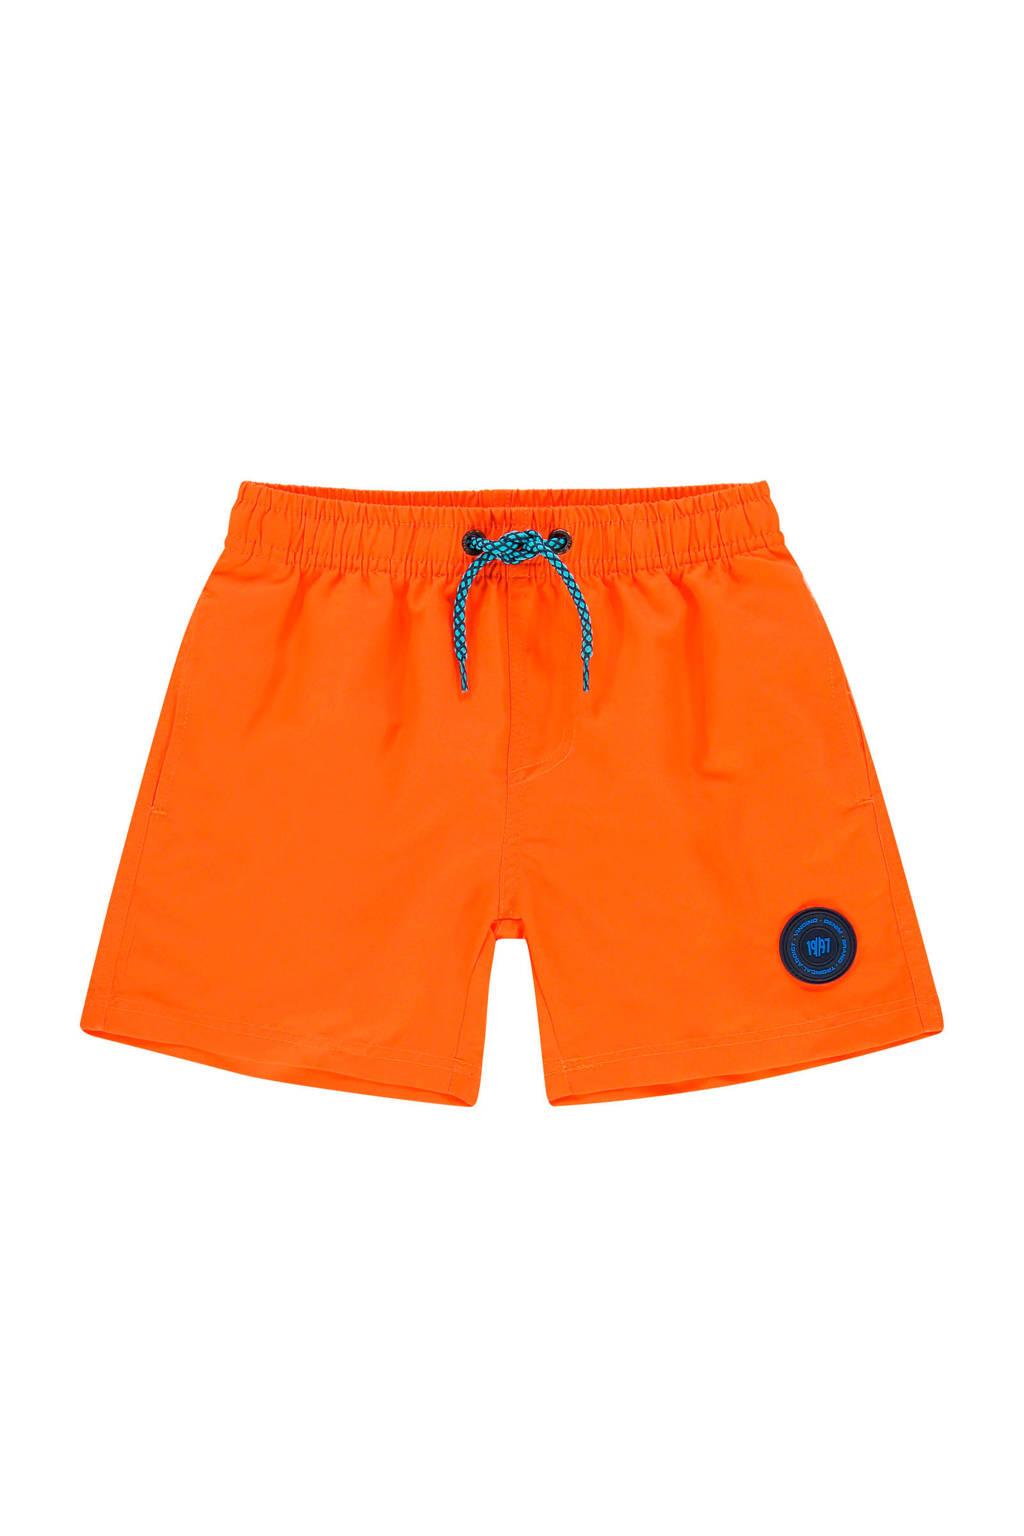 Vingino zwemshort Xim oranje, Oranje